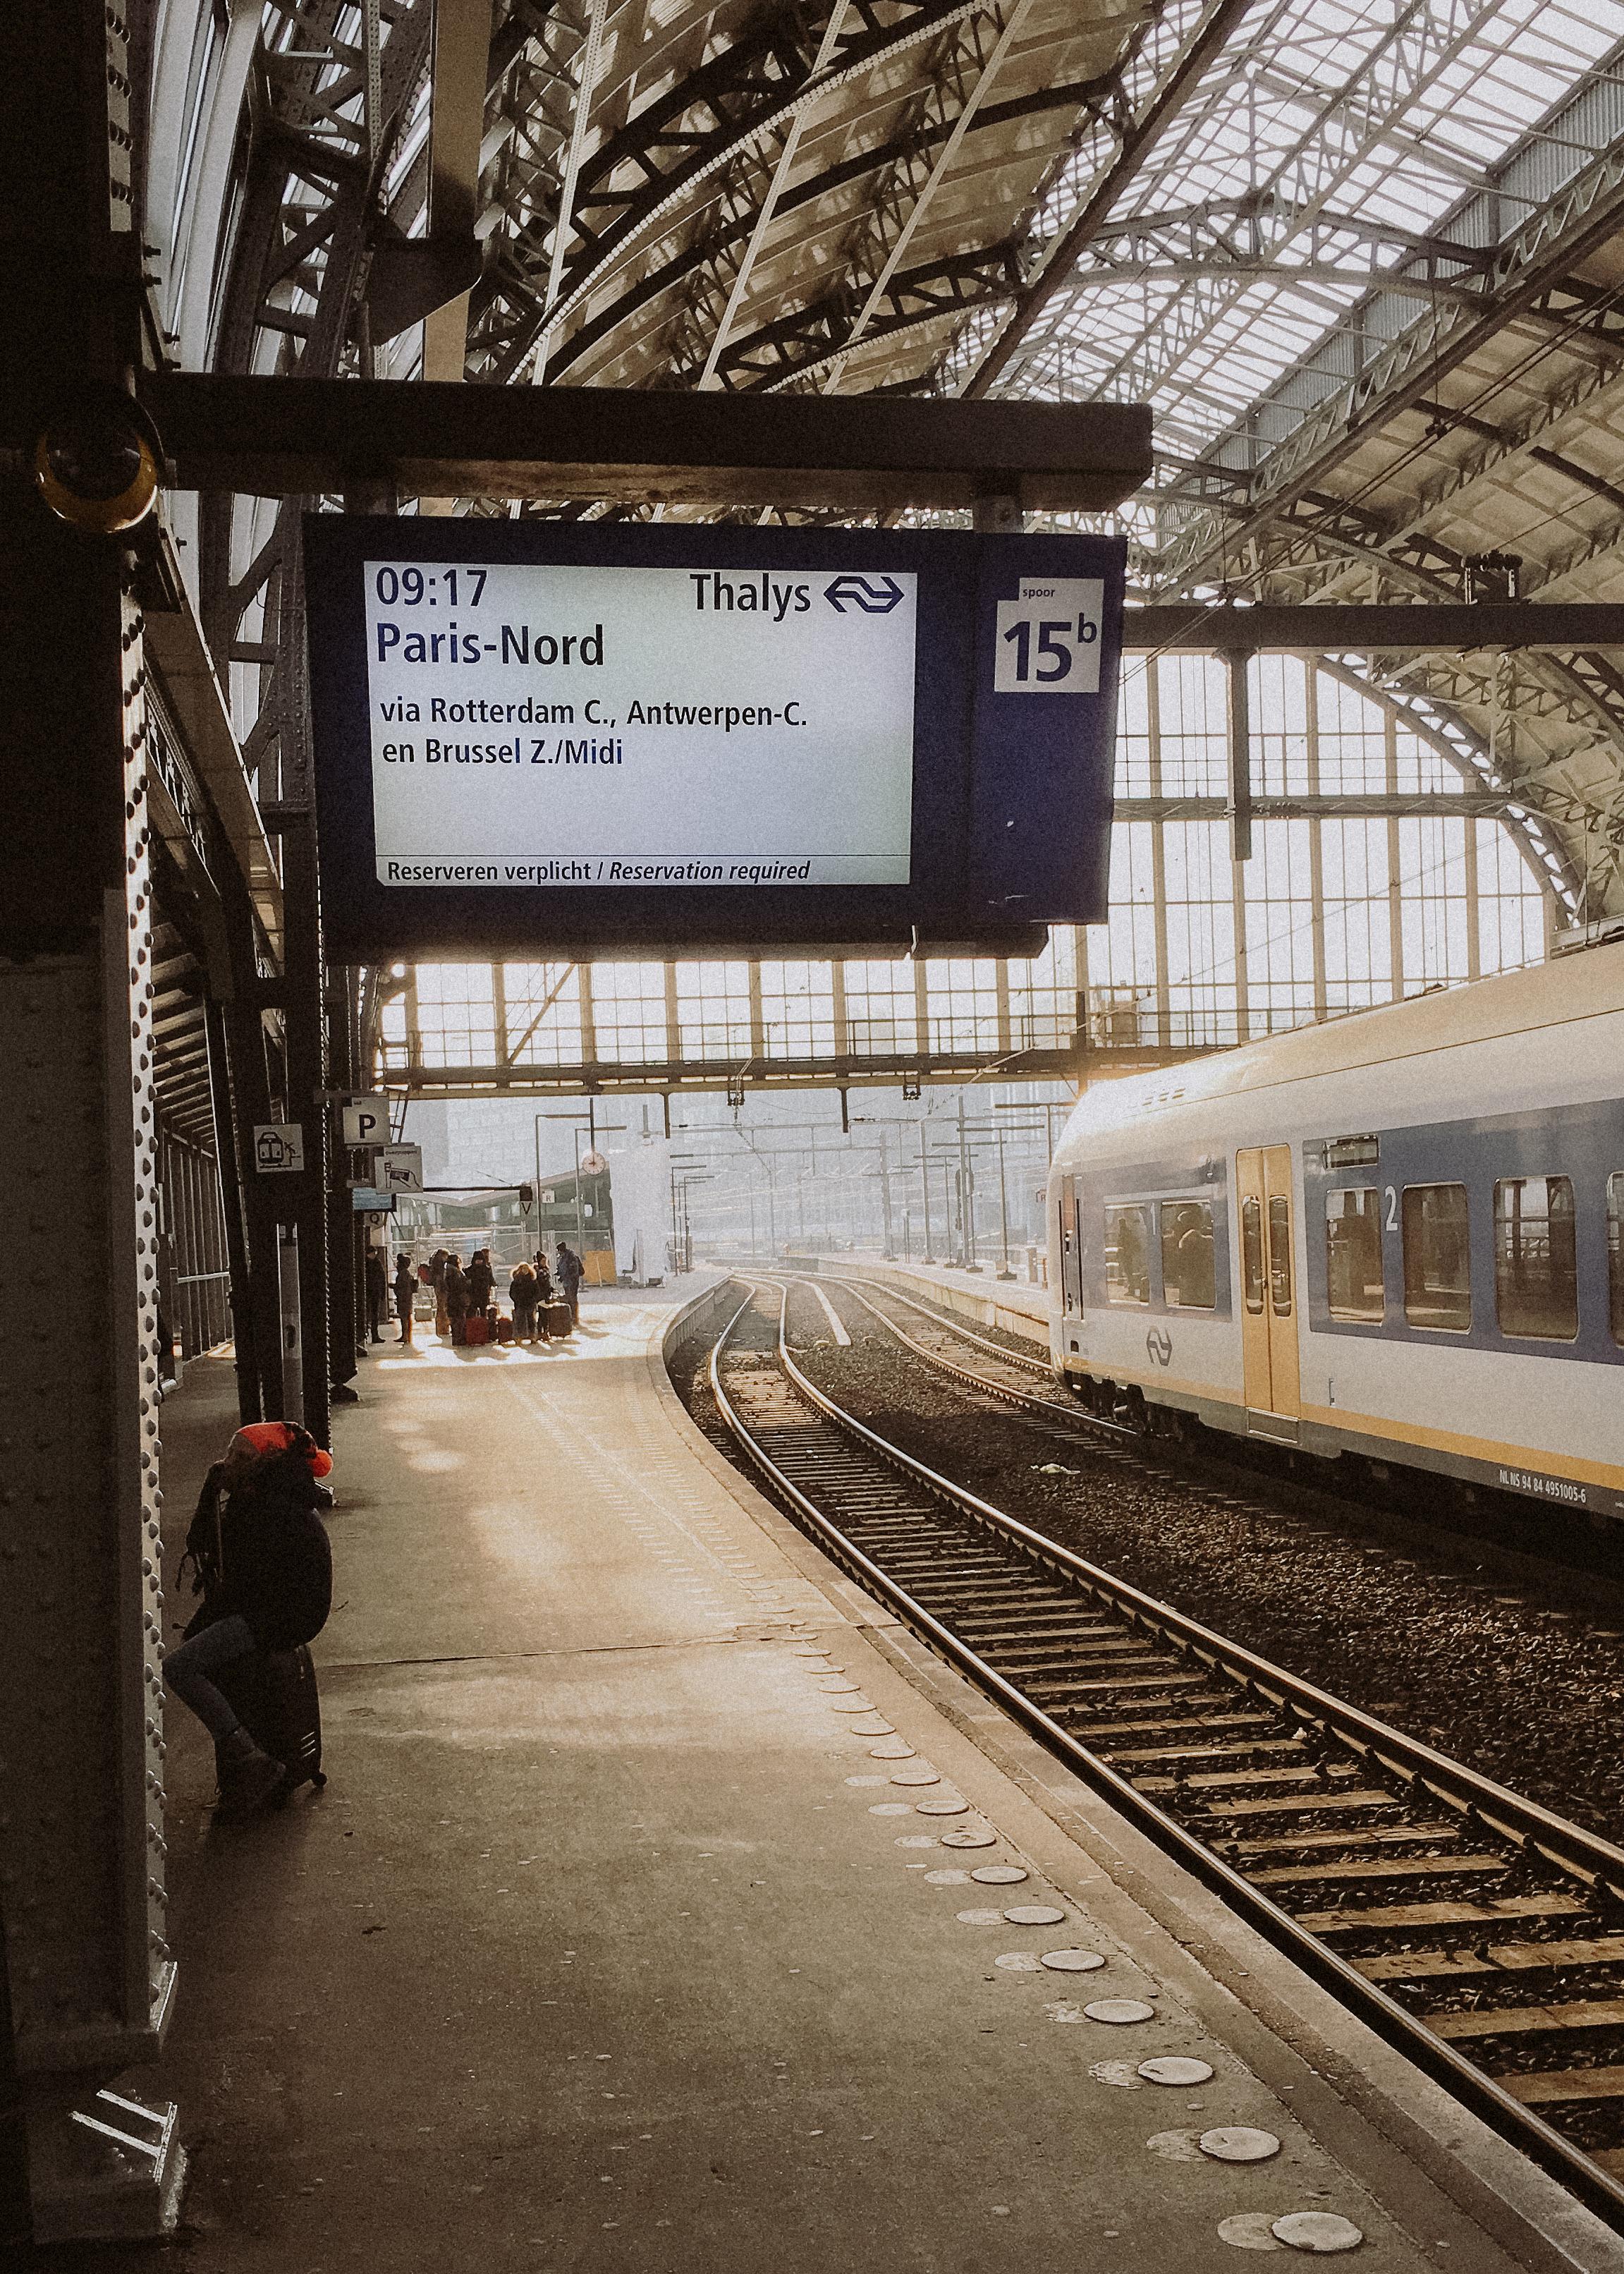 AmsterdamIphone (2 of 2).jpg